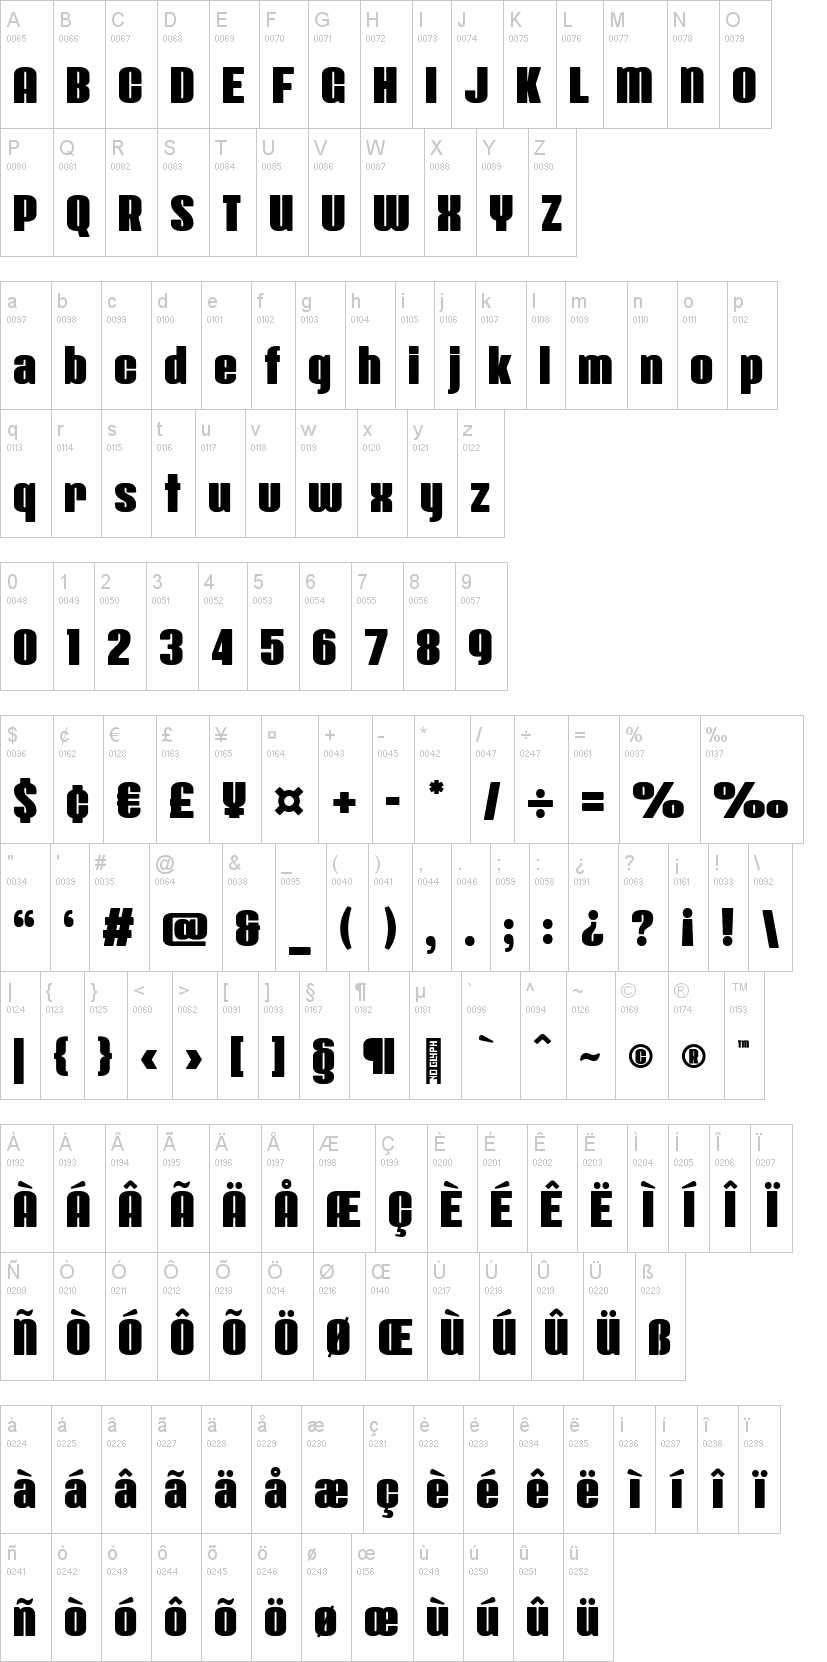 Class-357 Font | dafont com